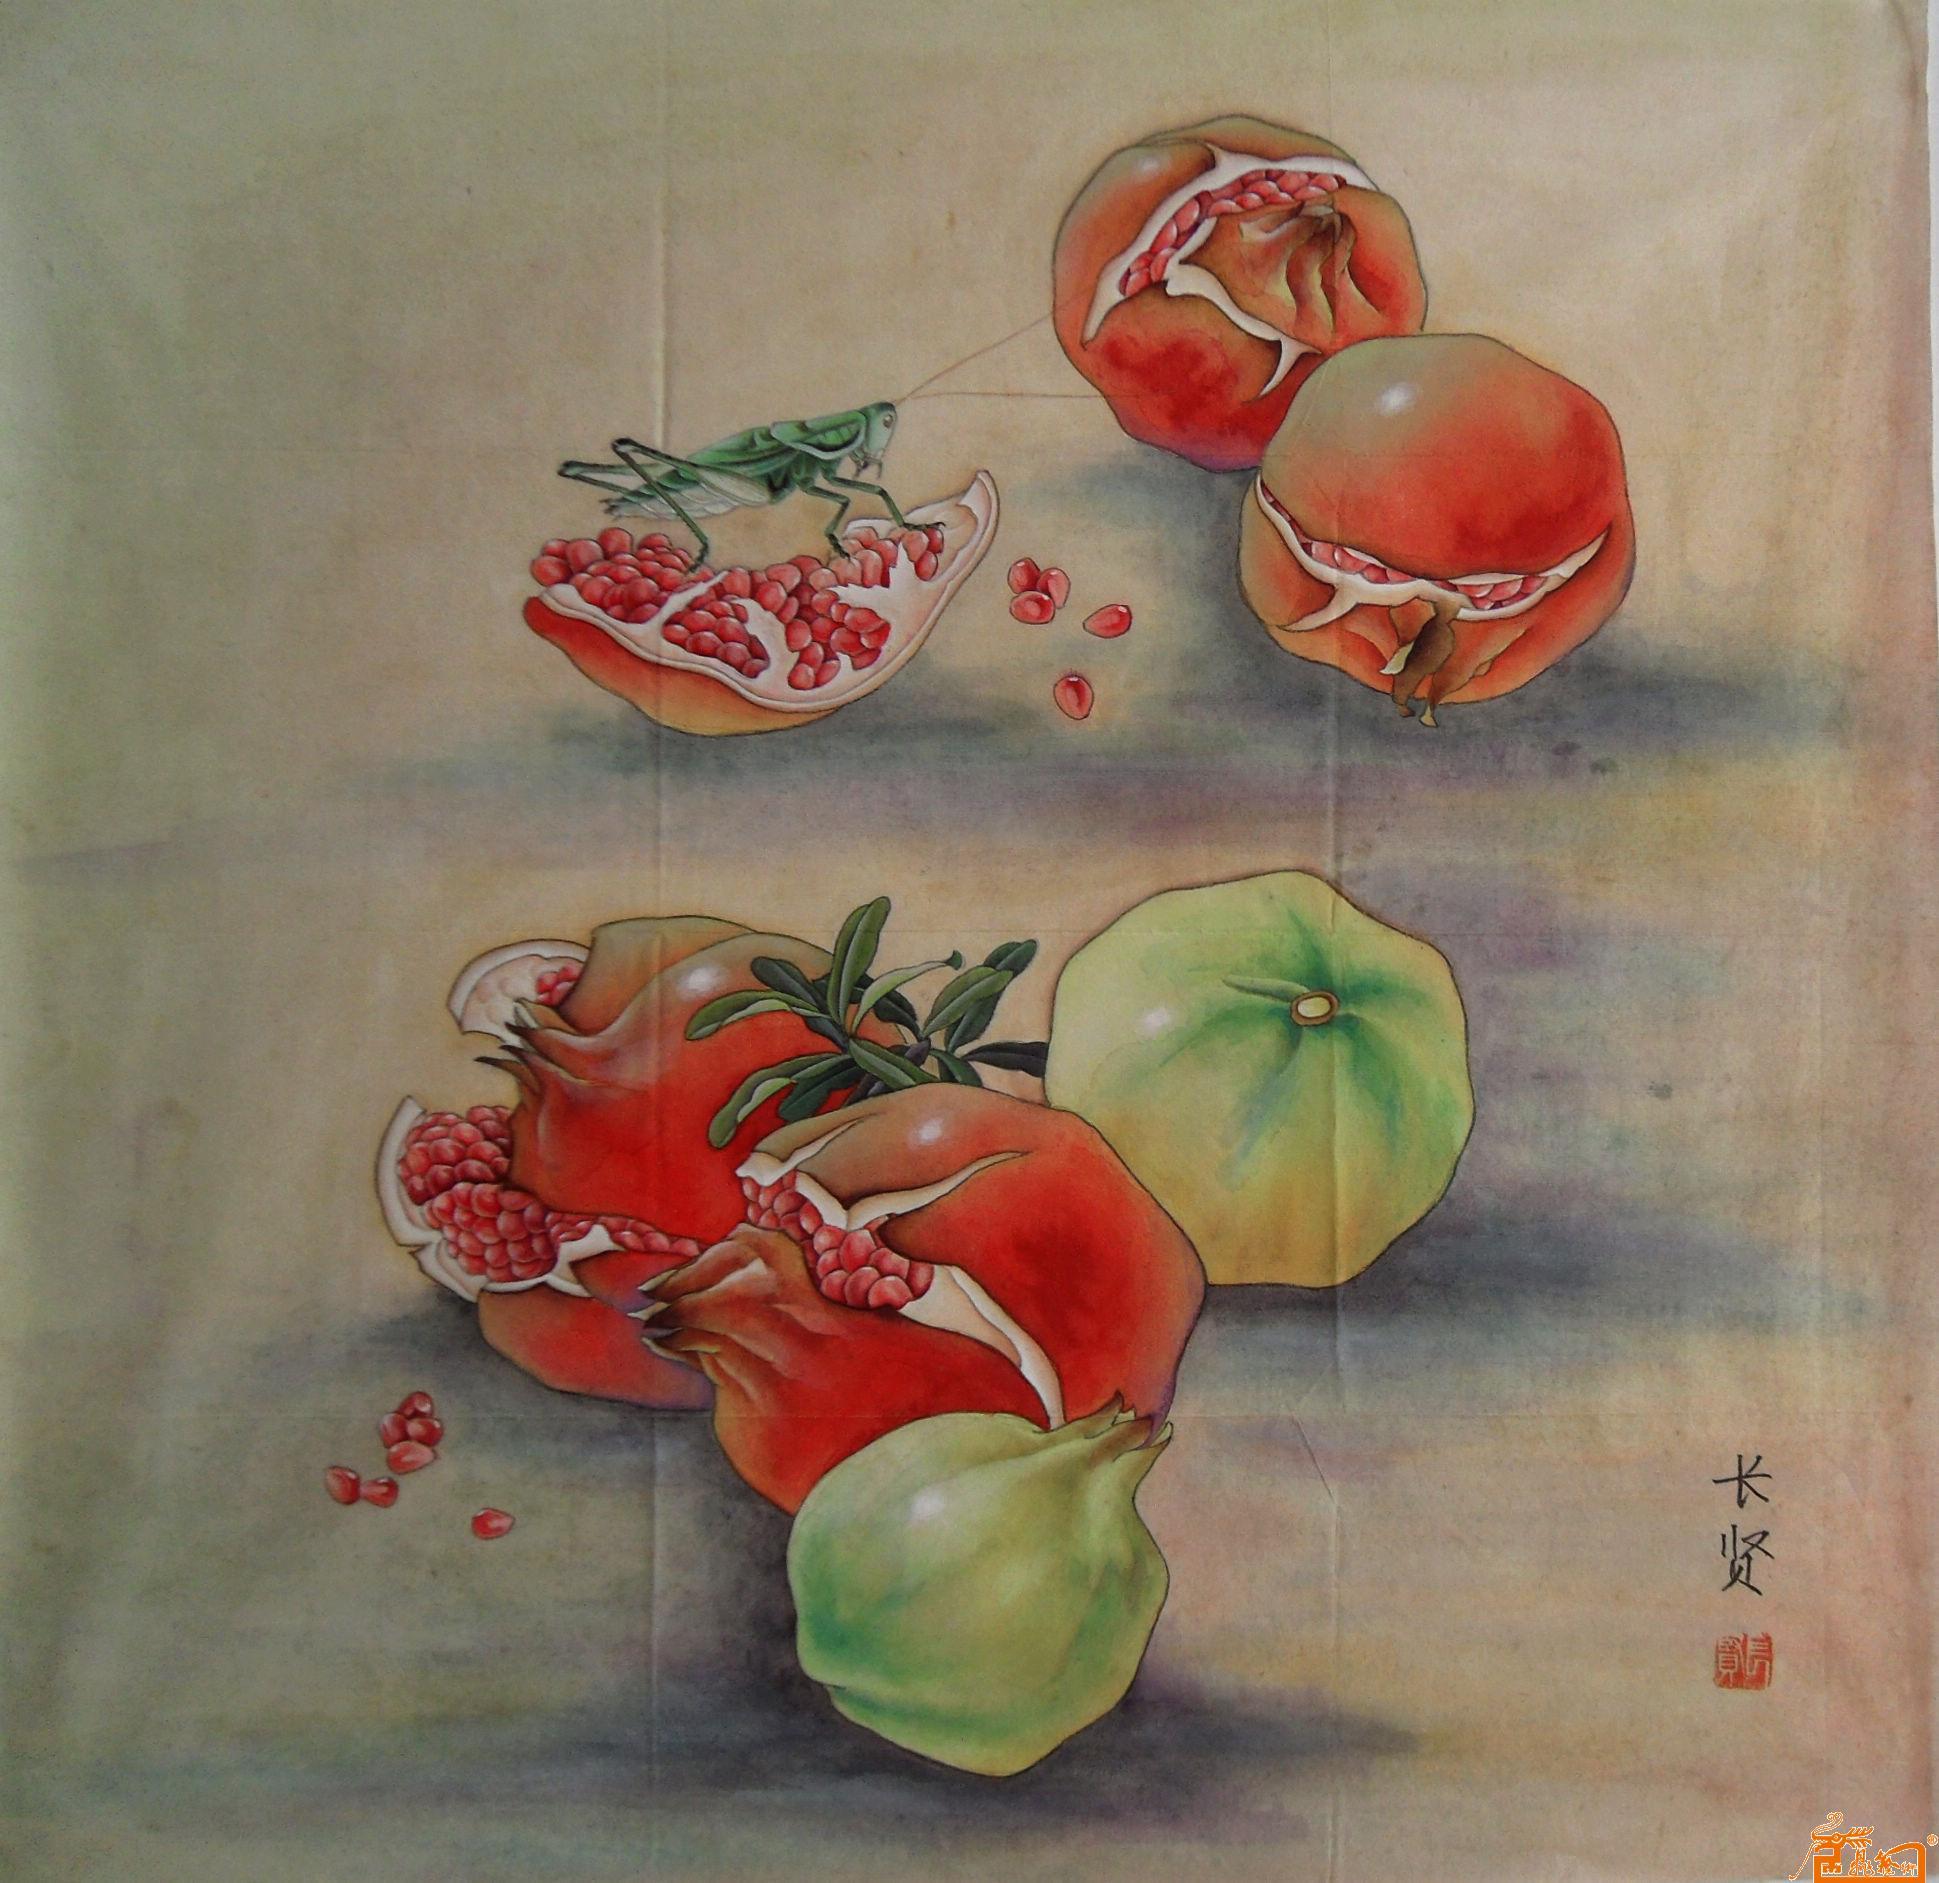 李长贤-石榴2-淘宝-名人字画-中国书画服务中心